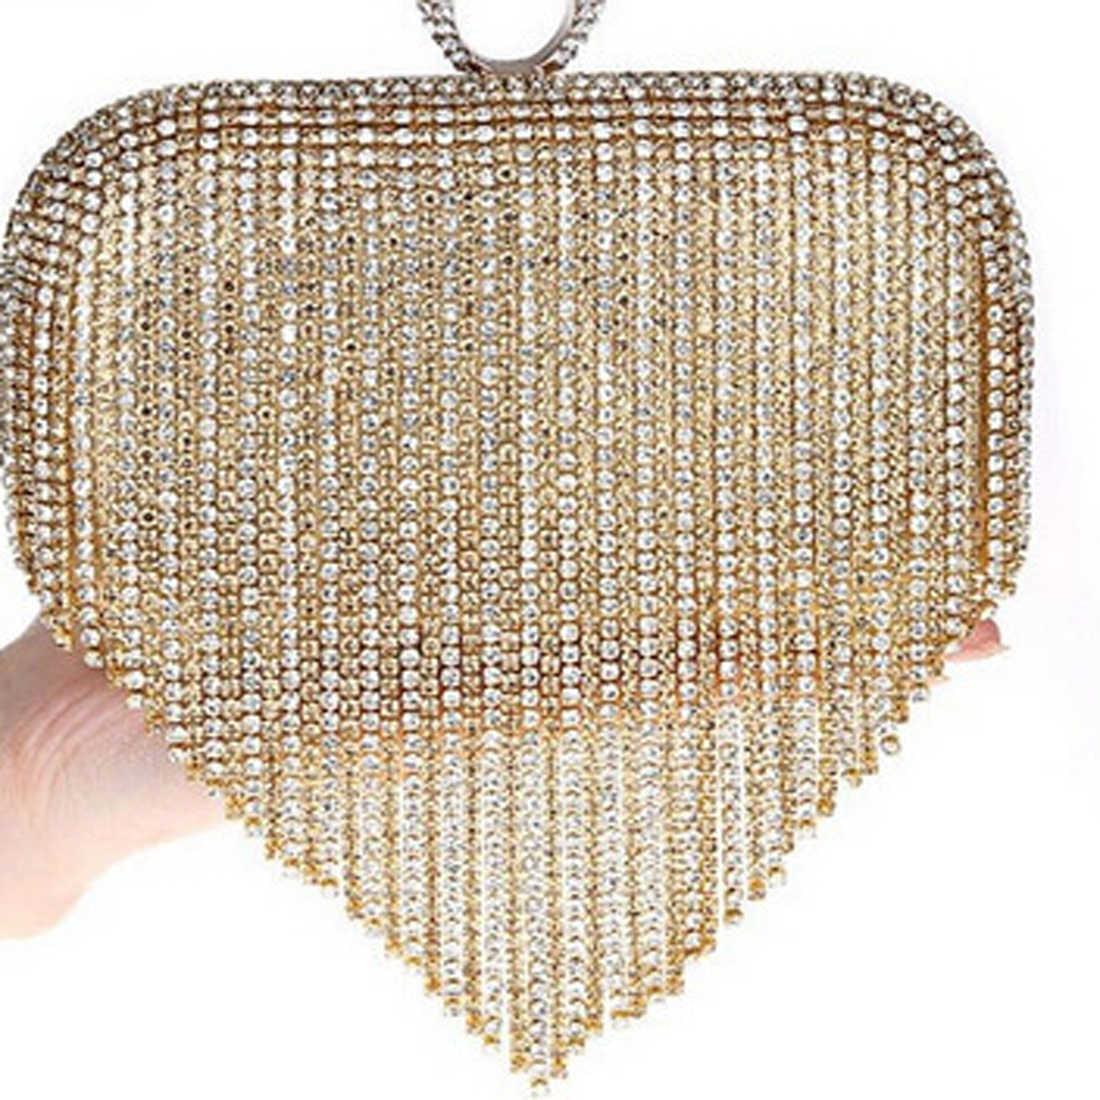 2017 кисточкой горный хрусталь палец кольцо вечерние сумки с бриллиантами свадебные сумочки Женский Повседневный клатч мини кошелек сумка с цепочкой смешанных цветов